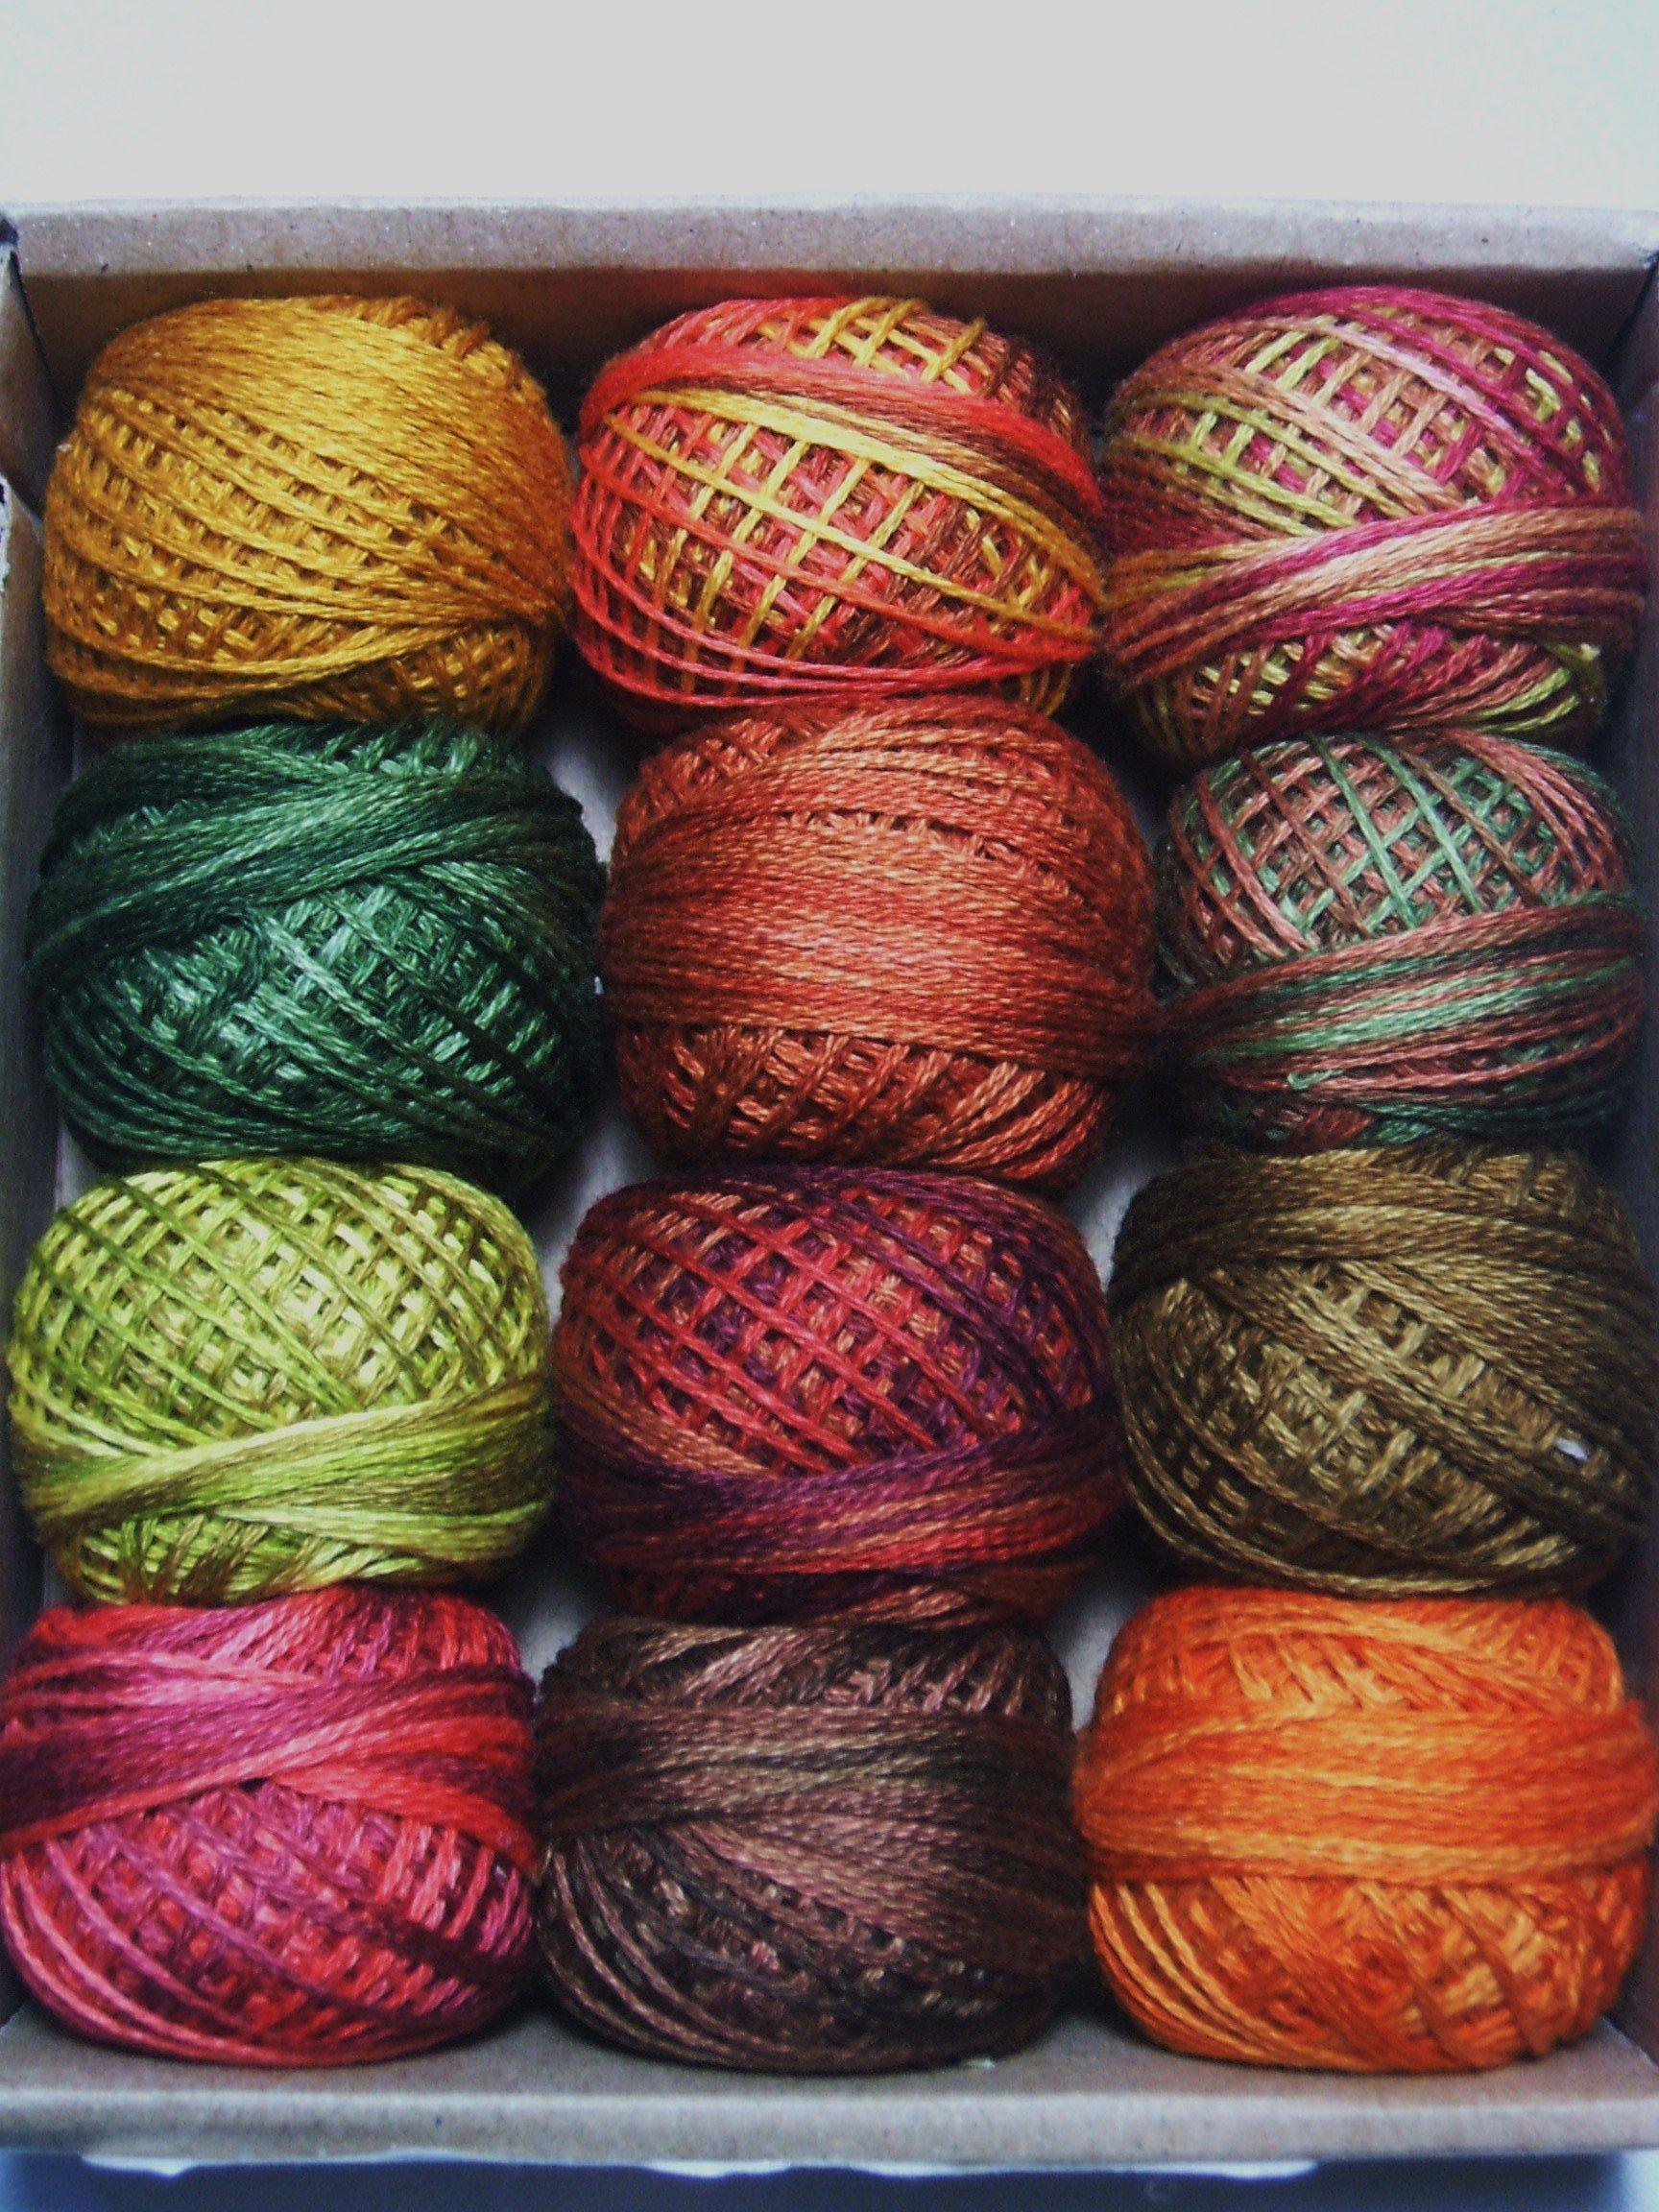 Valdani 3 Strand Cotton Floss Embroidery Punchneedle Thread Fabulous Autumn Set by Valdani